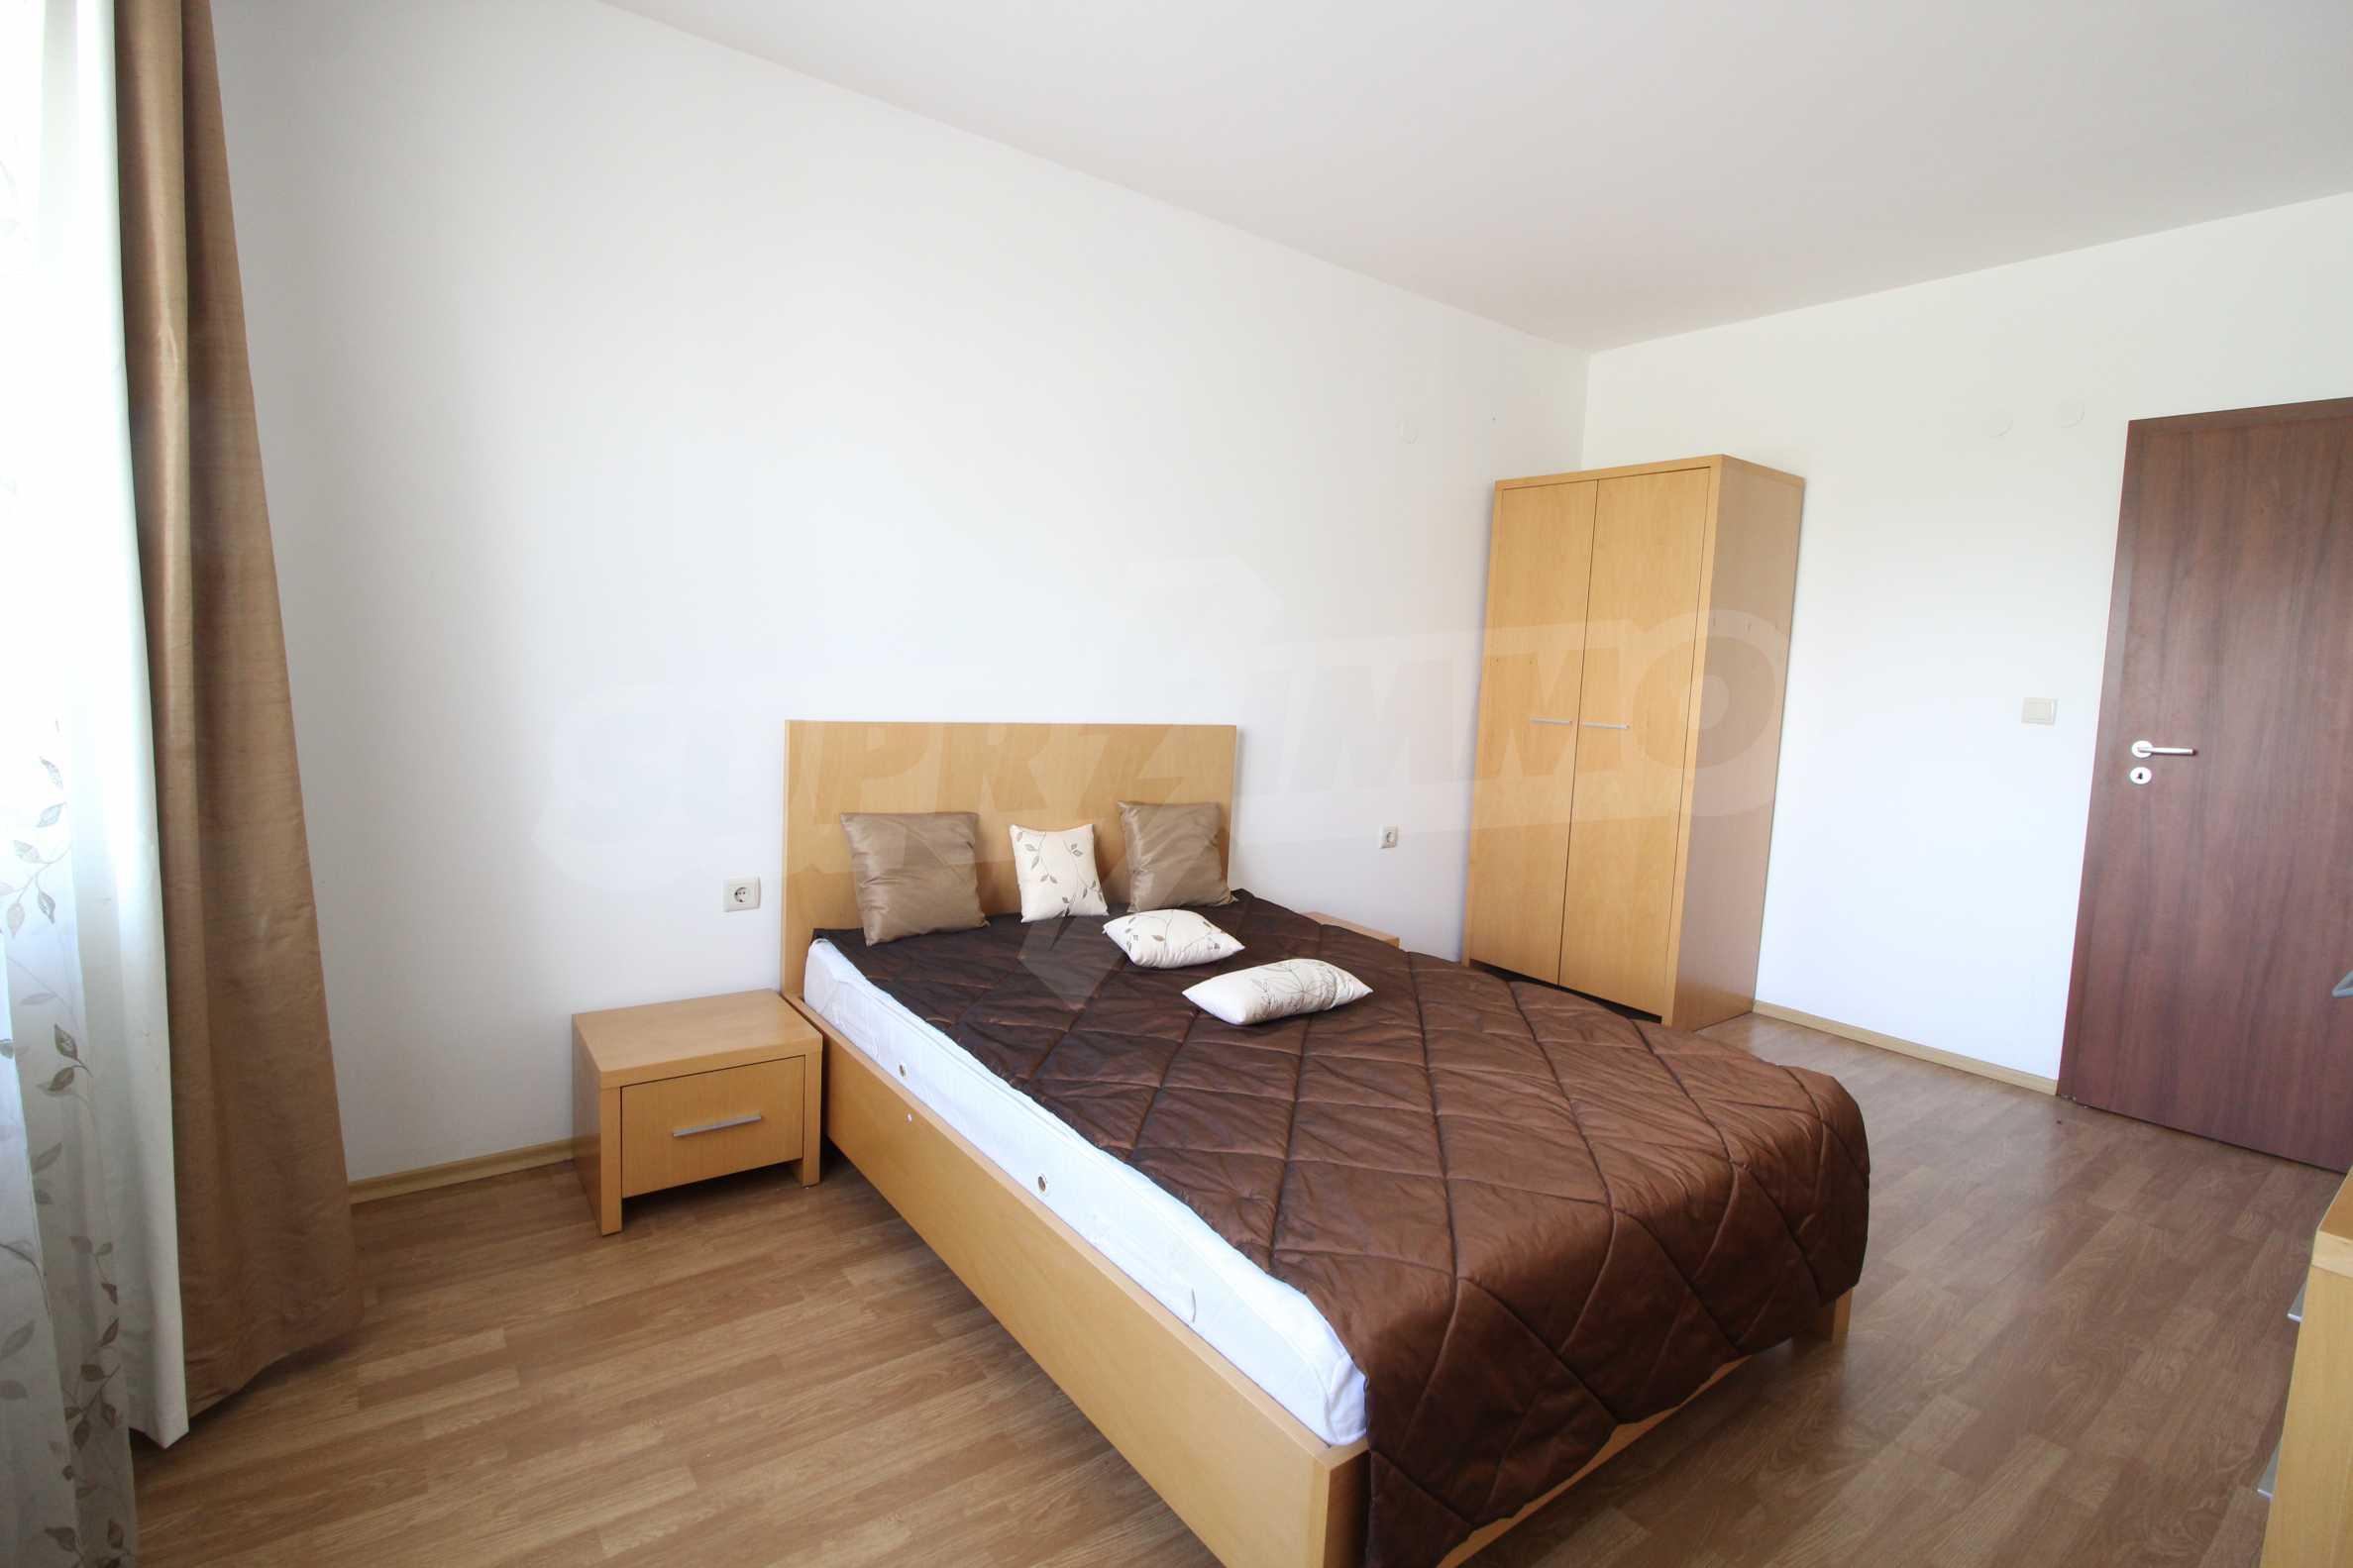 Möbliertes Apartment mit zwei Schlafzimmern im Top Lodge-Komplex, nur wenige Meter vom Skilift in Bansko entfernt 8